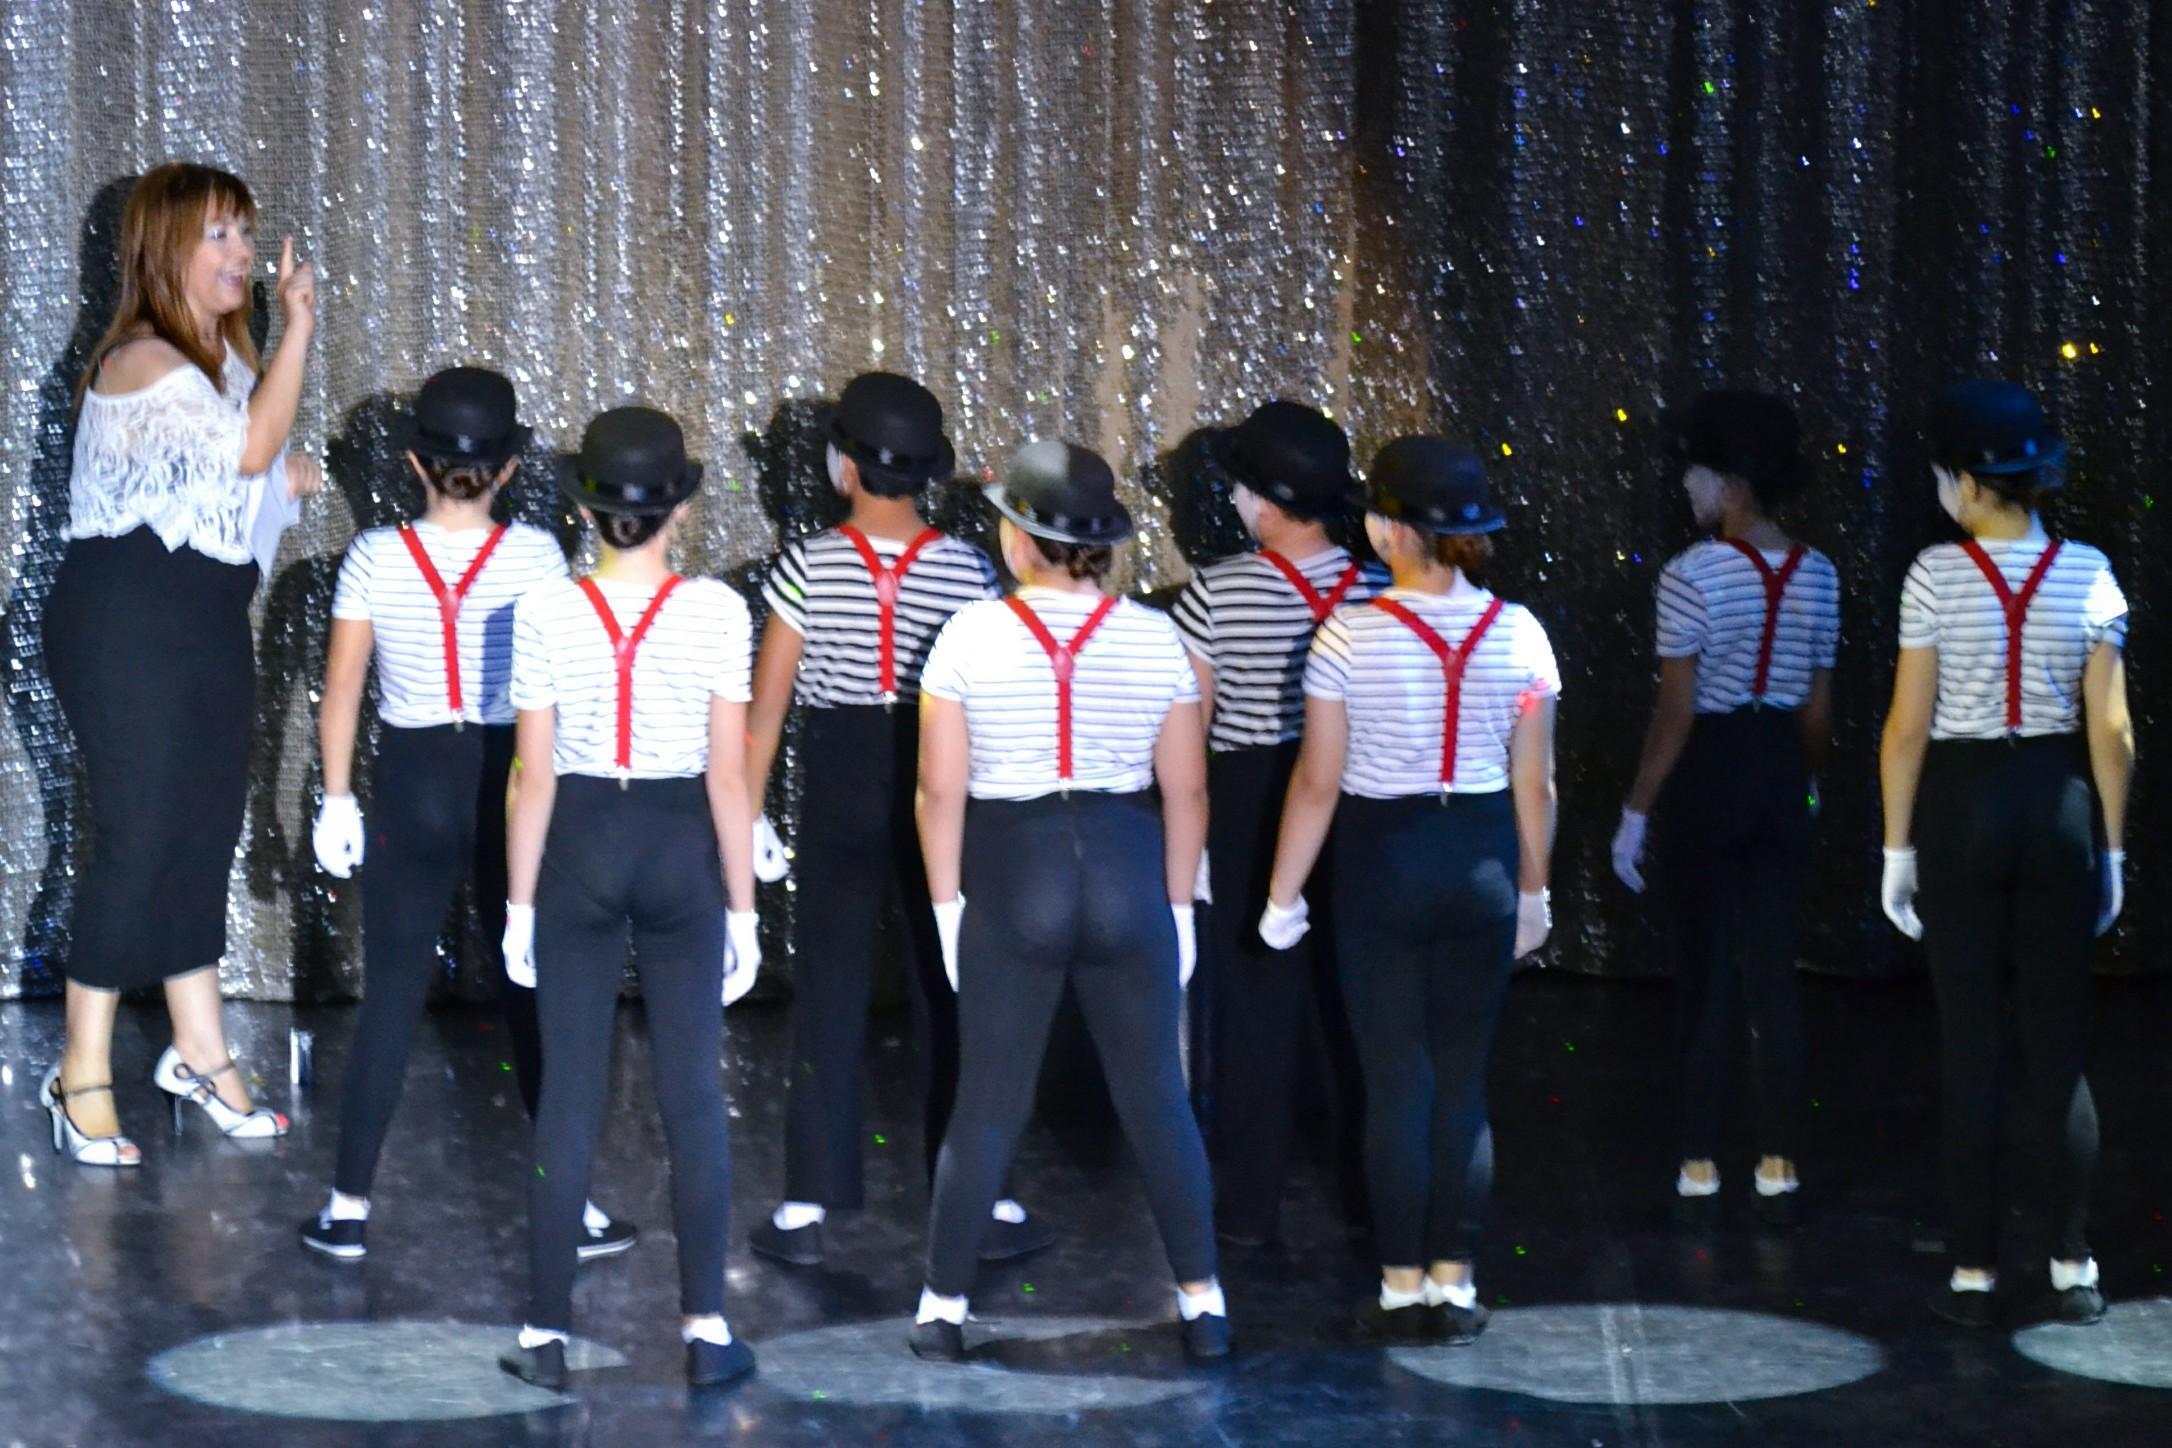 Linea-de-Baile-festival-verano-2015-clases-de-baile-valencia-83